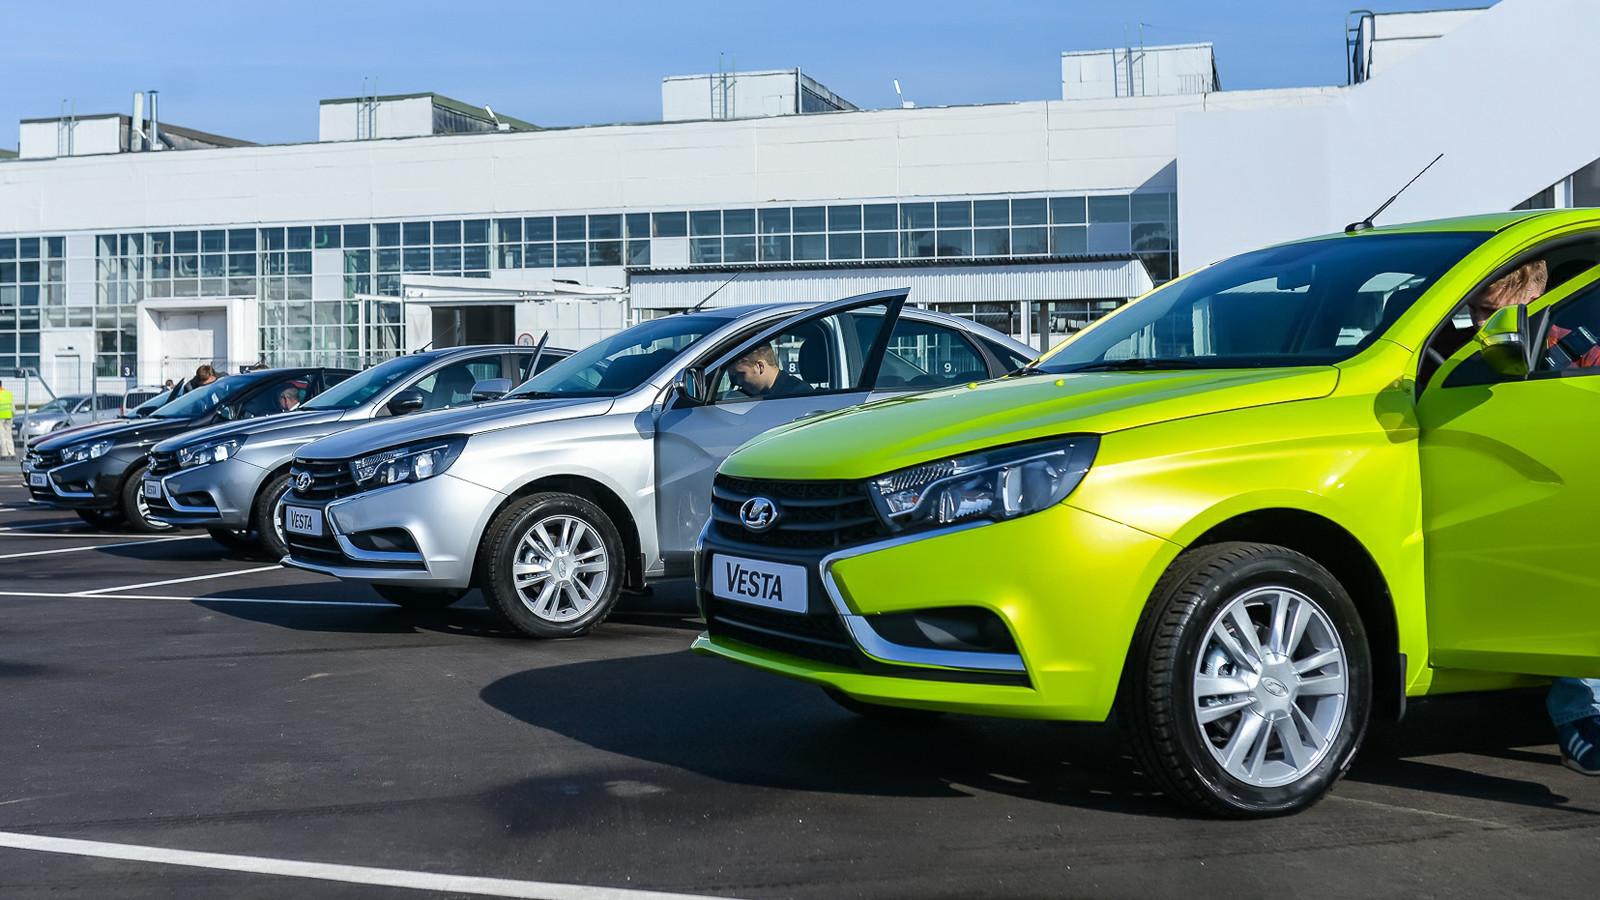 Руководитель АвтоВАЗа сказал, сколько авто Лада будет реализовано в нынешнем 2017-ом